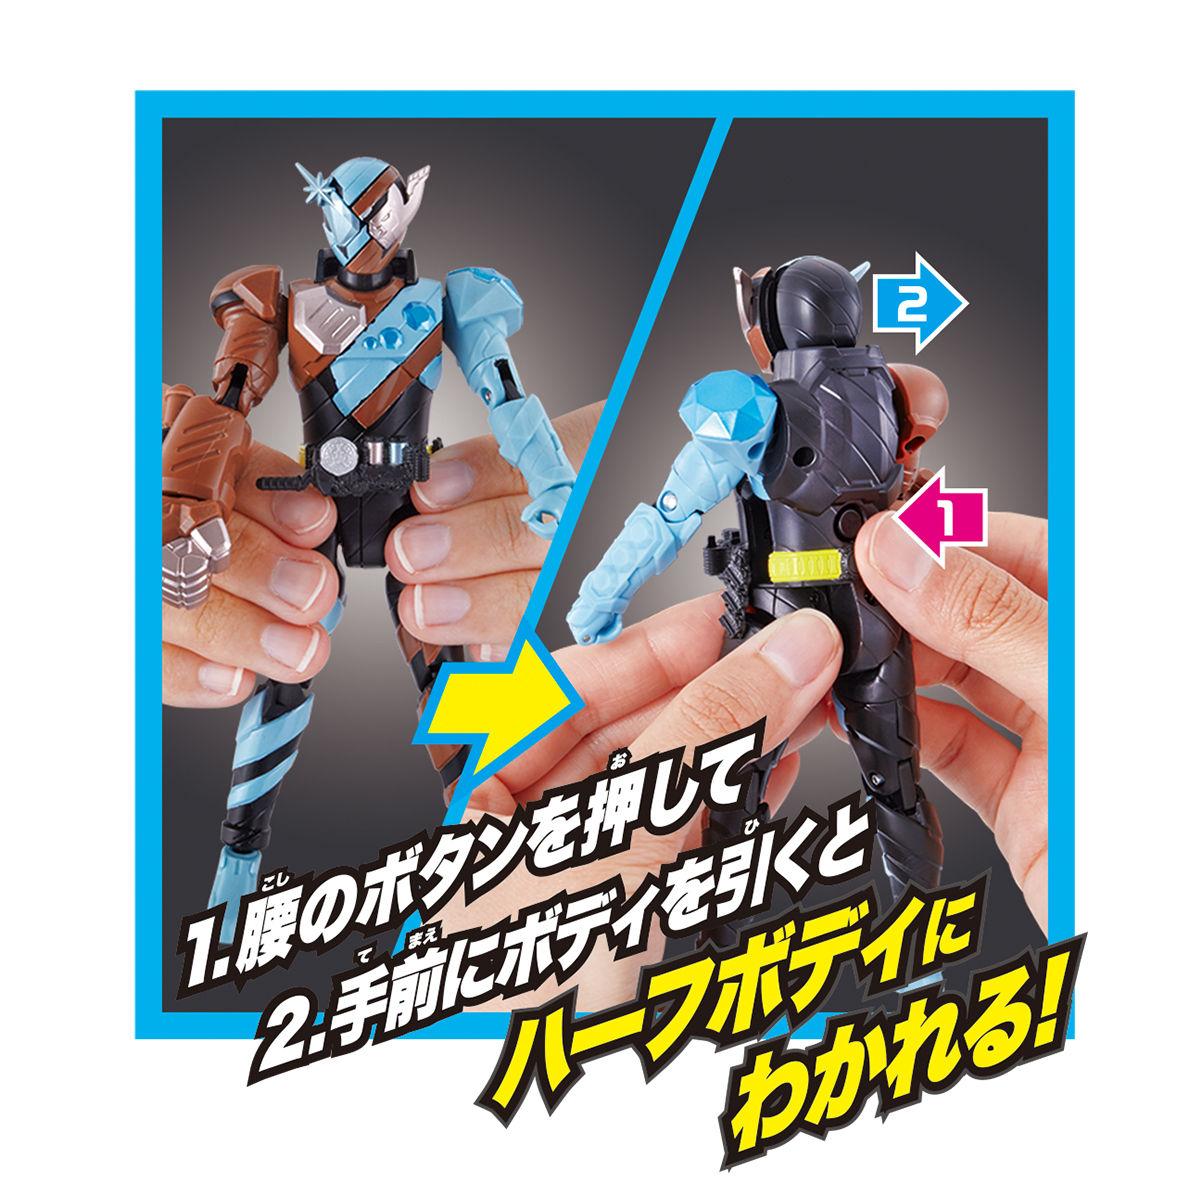 ボトルチェンジライダーシリーズ 02仮面ライダービルド ゴリラモンドフォーム